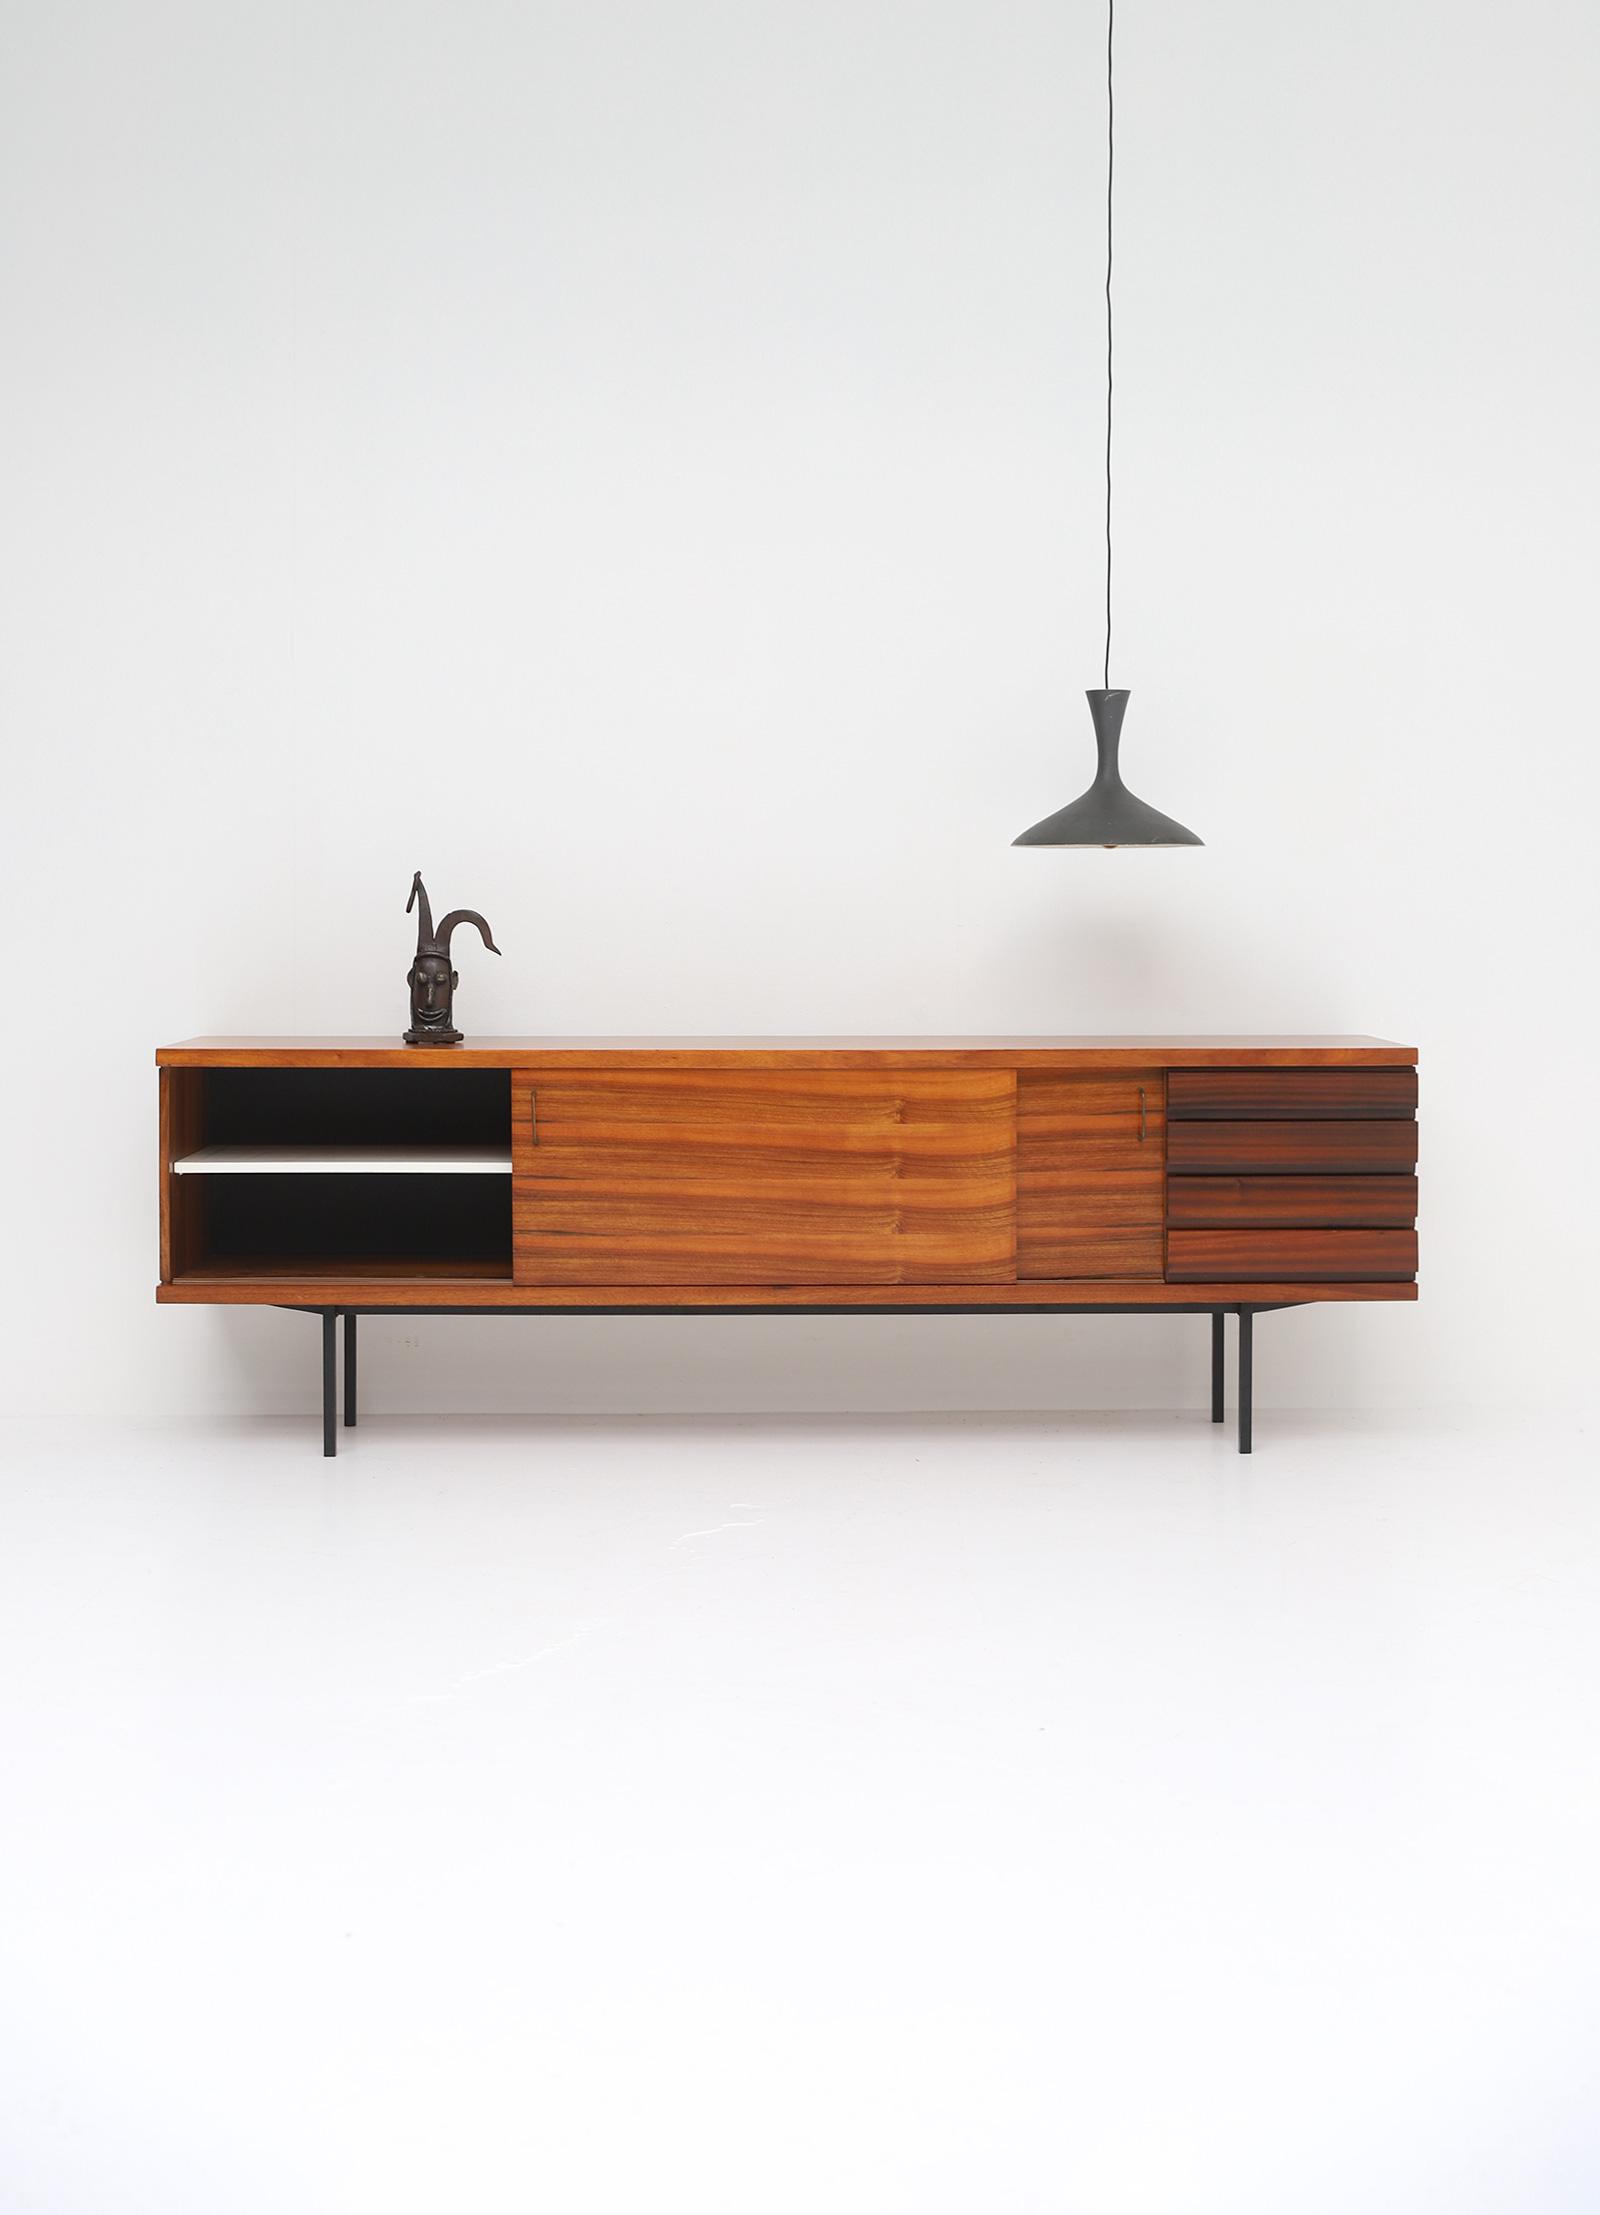 Luxus Sideboard by Jos De Mey 1950simage 15